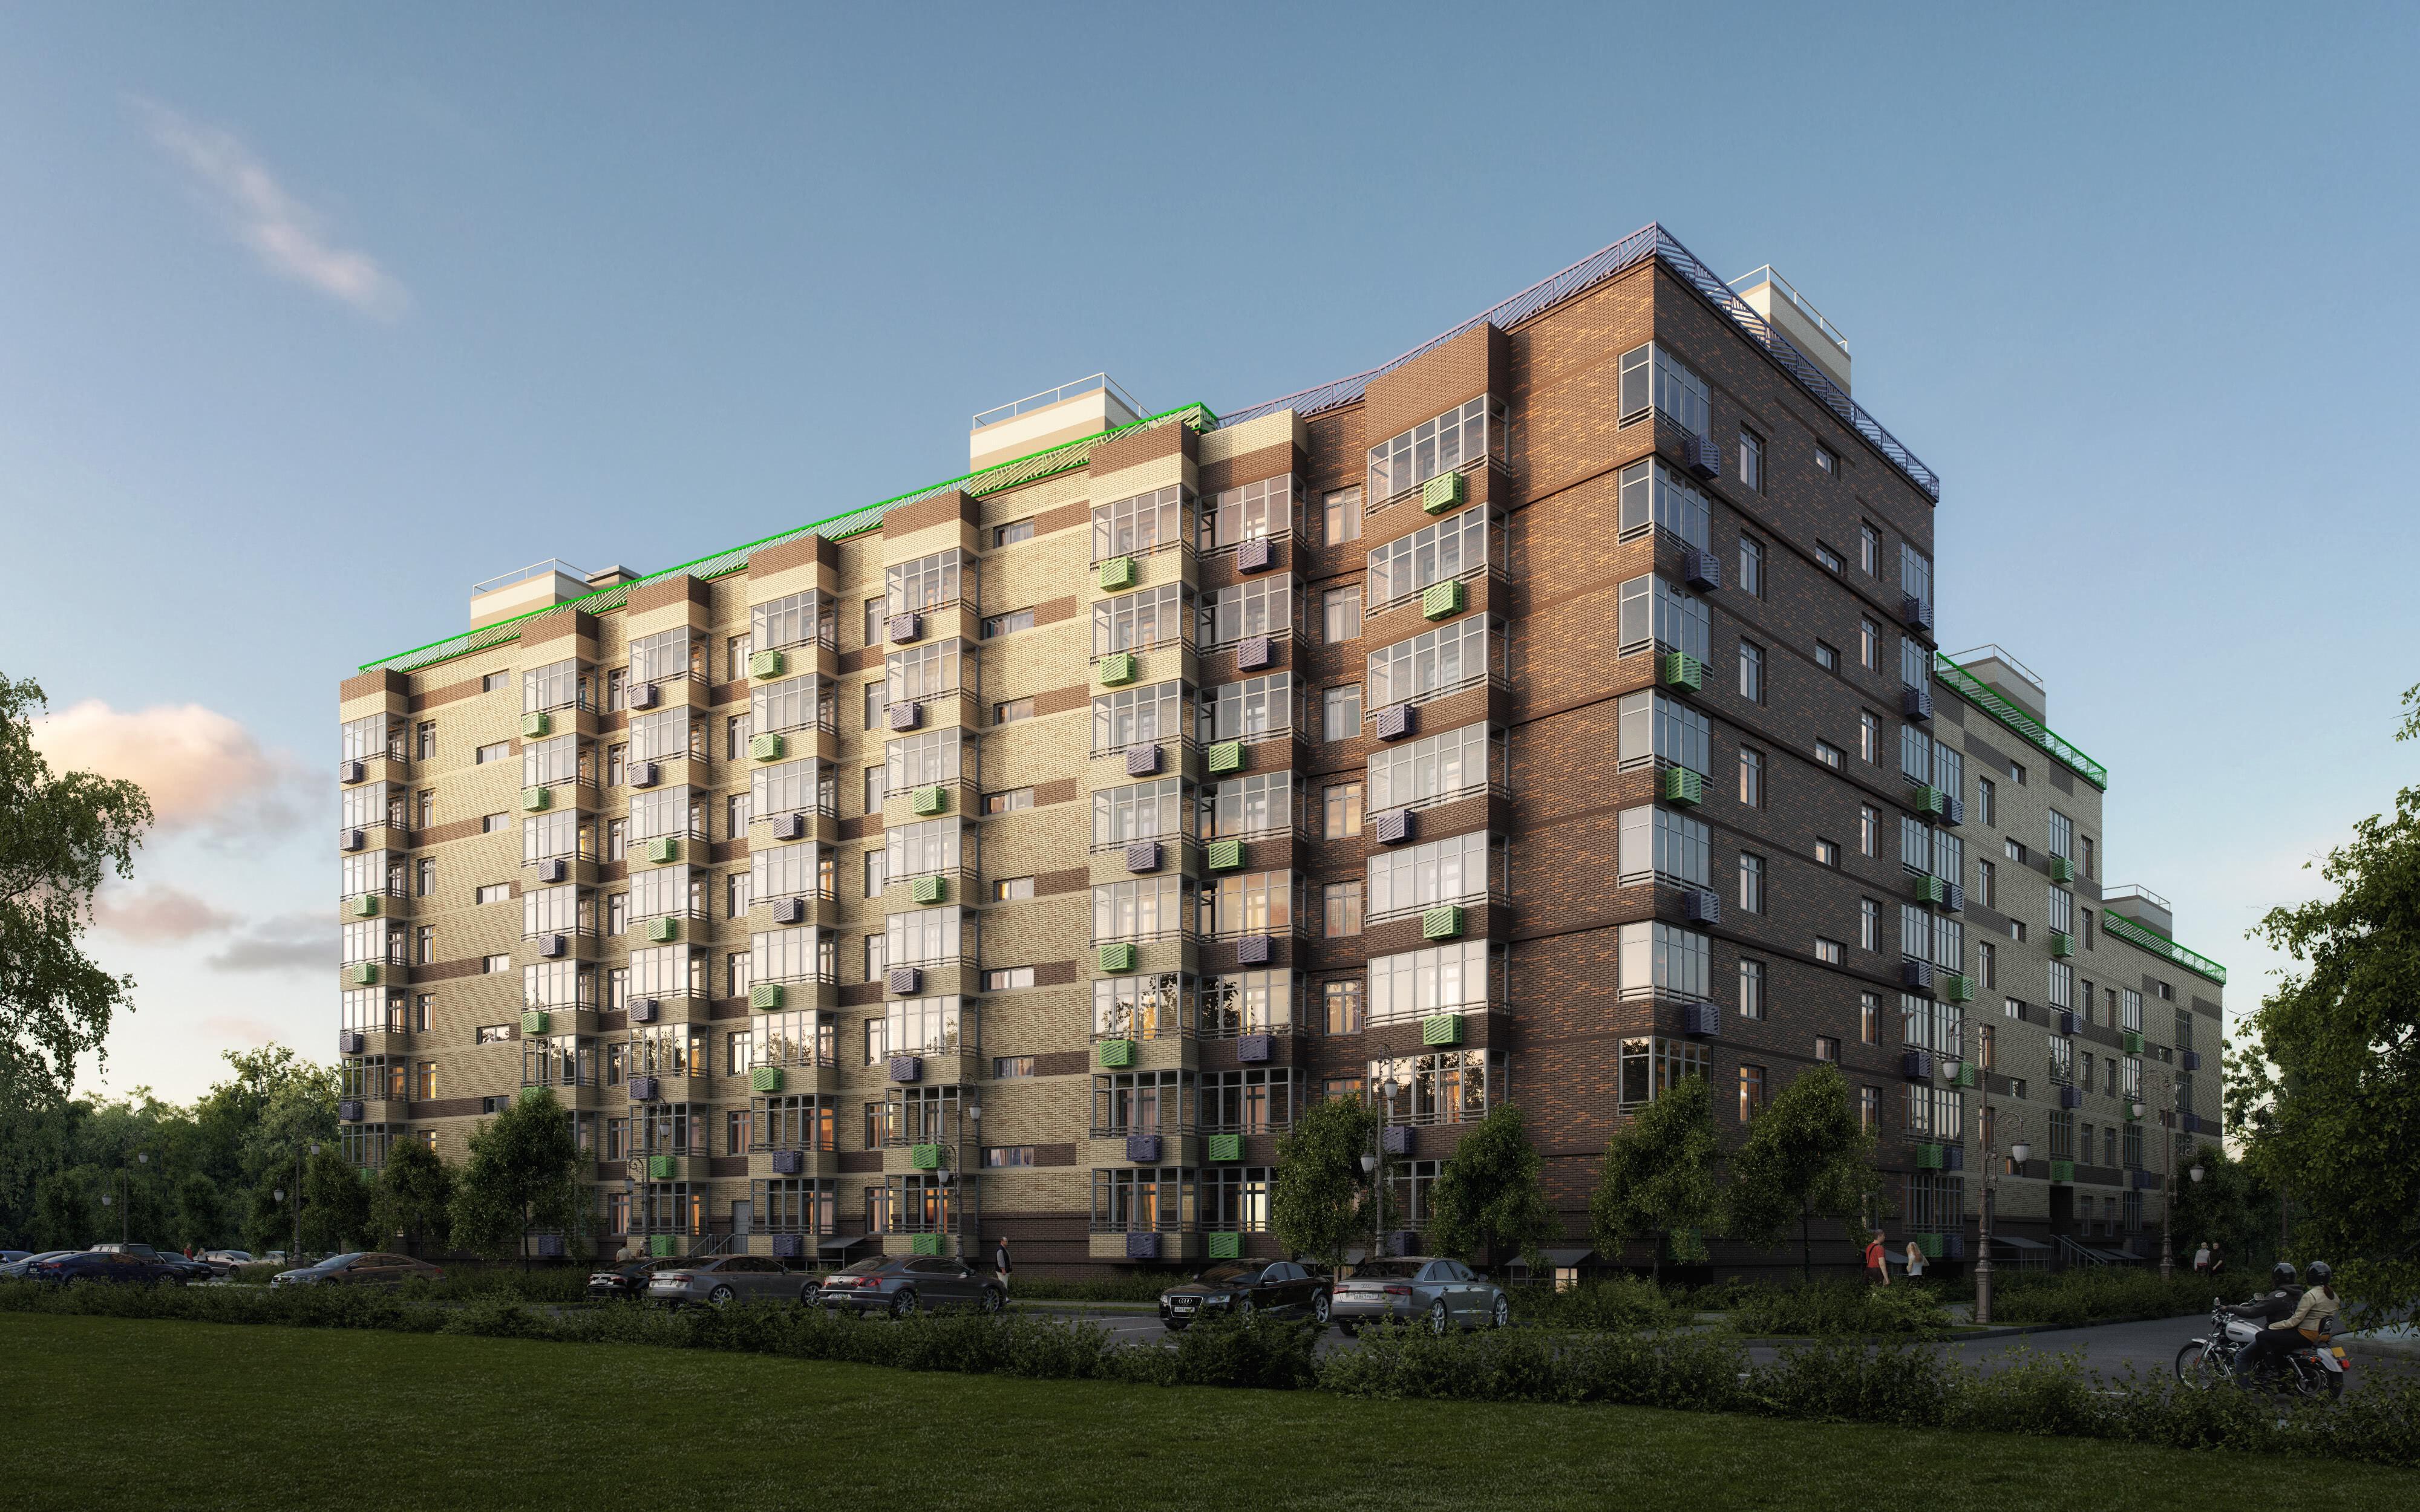 Беспроцентная рассрочка для покупателей квартир в ЖК «Пятницкие кварталы»